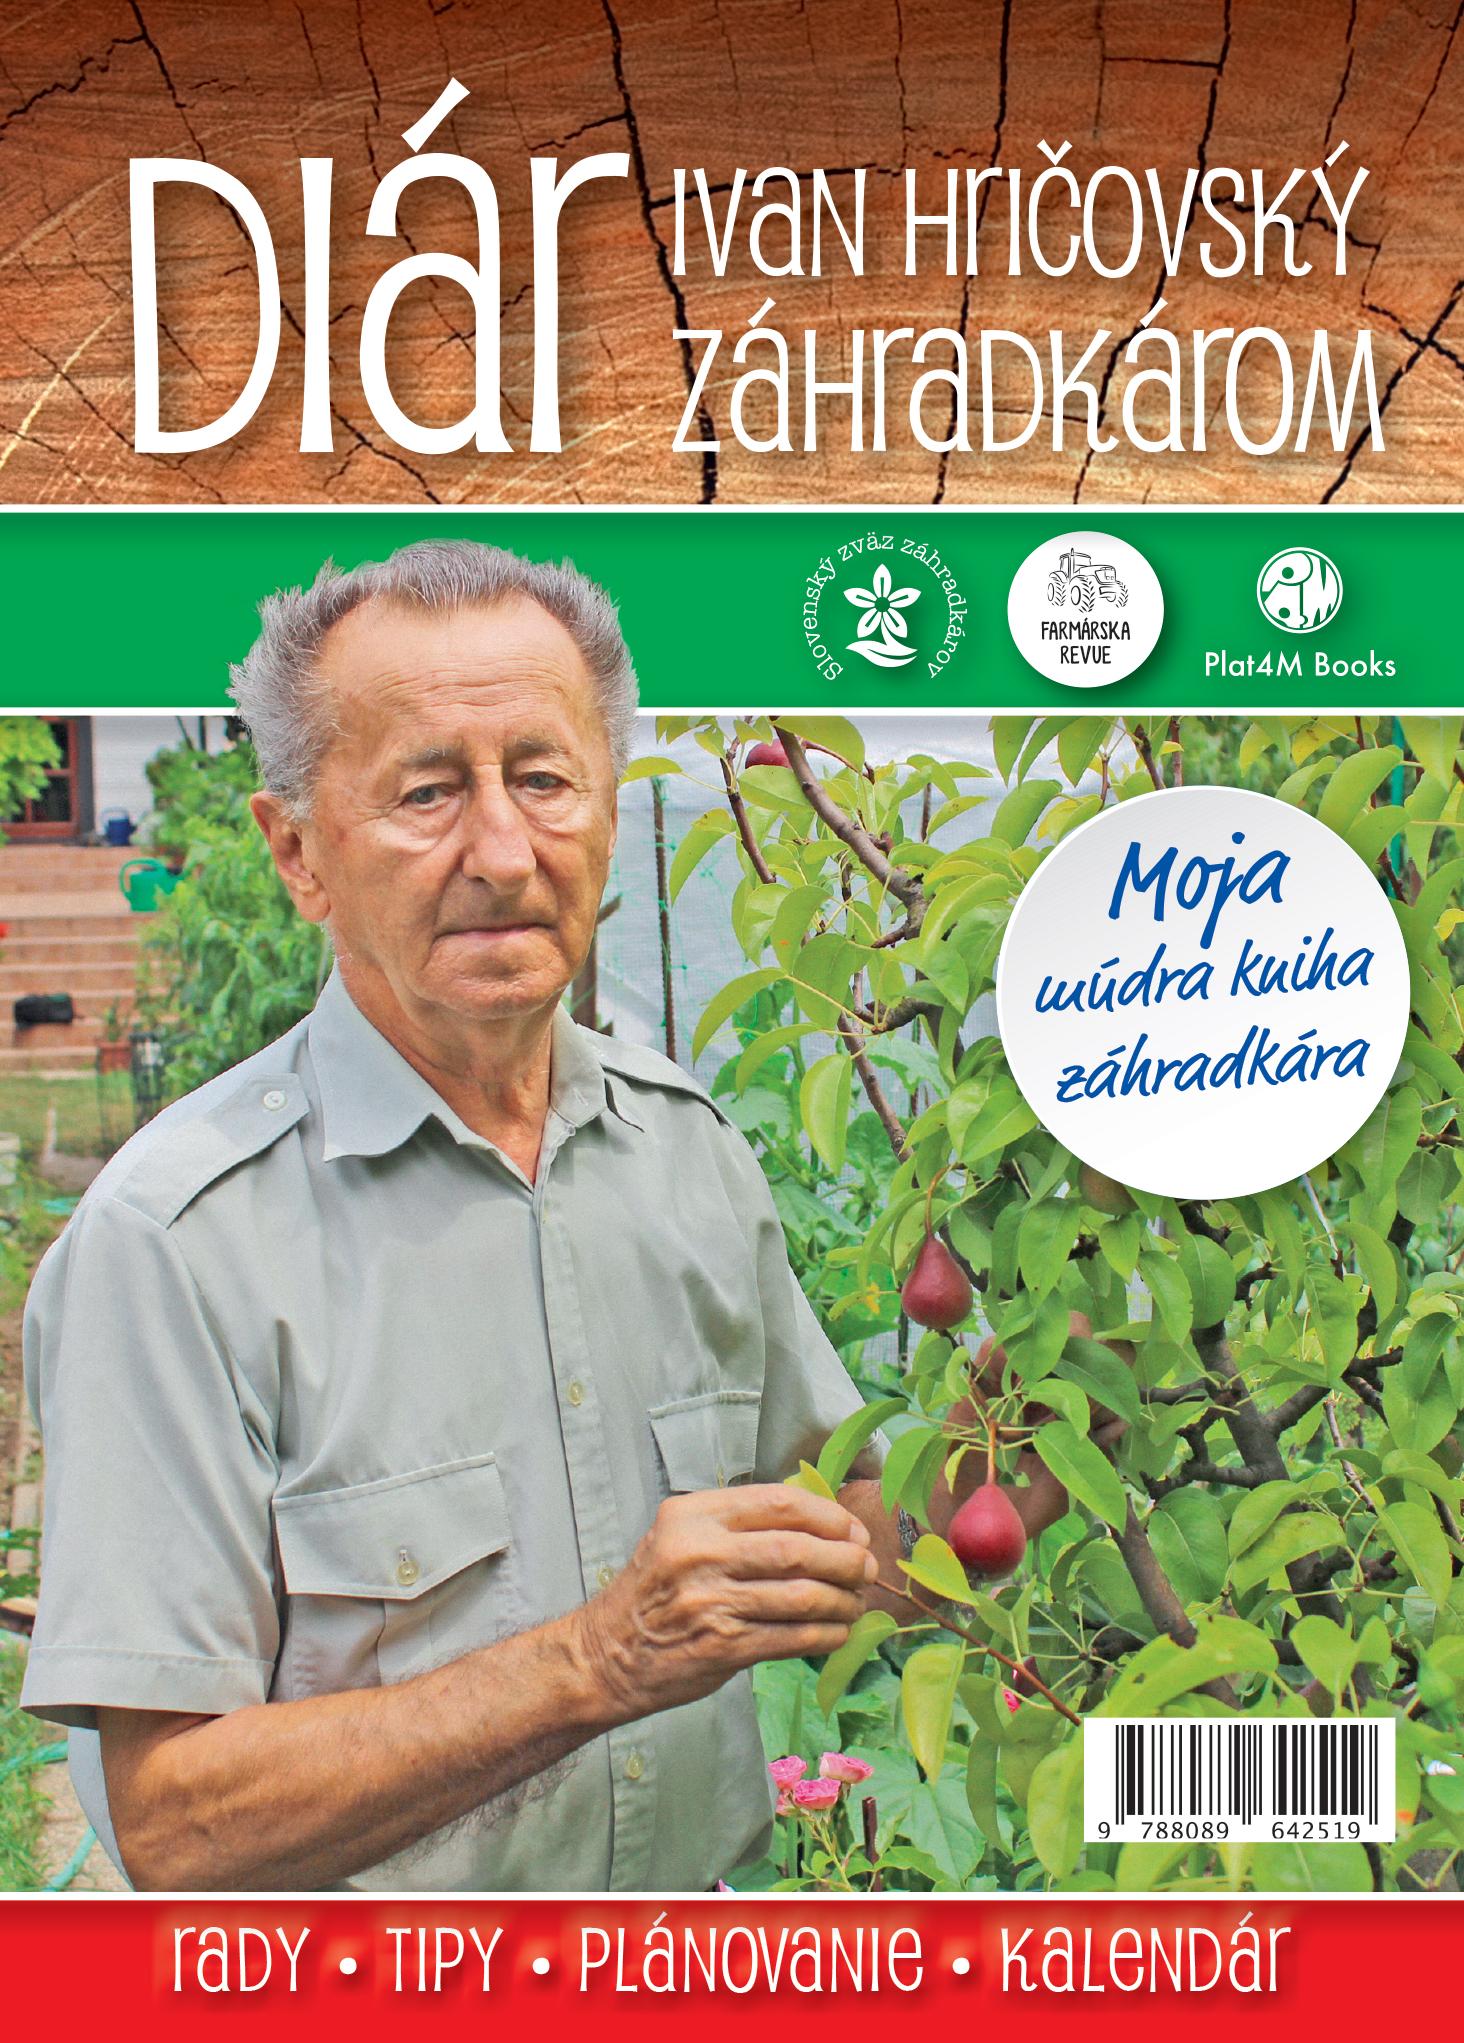 Diár: Ivan Hričovský záhradkárom - Moja múdra kniha záhradkára